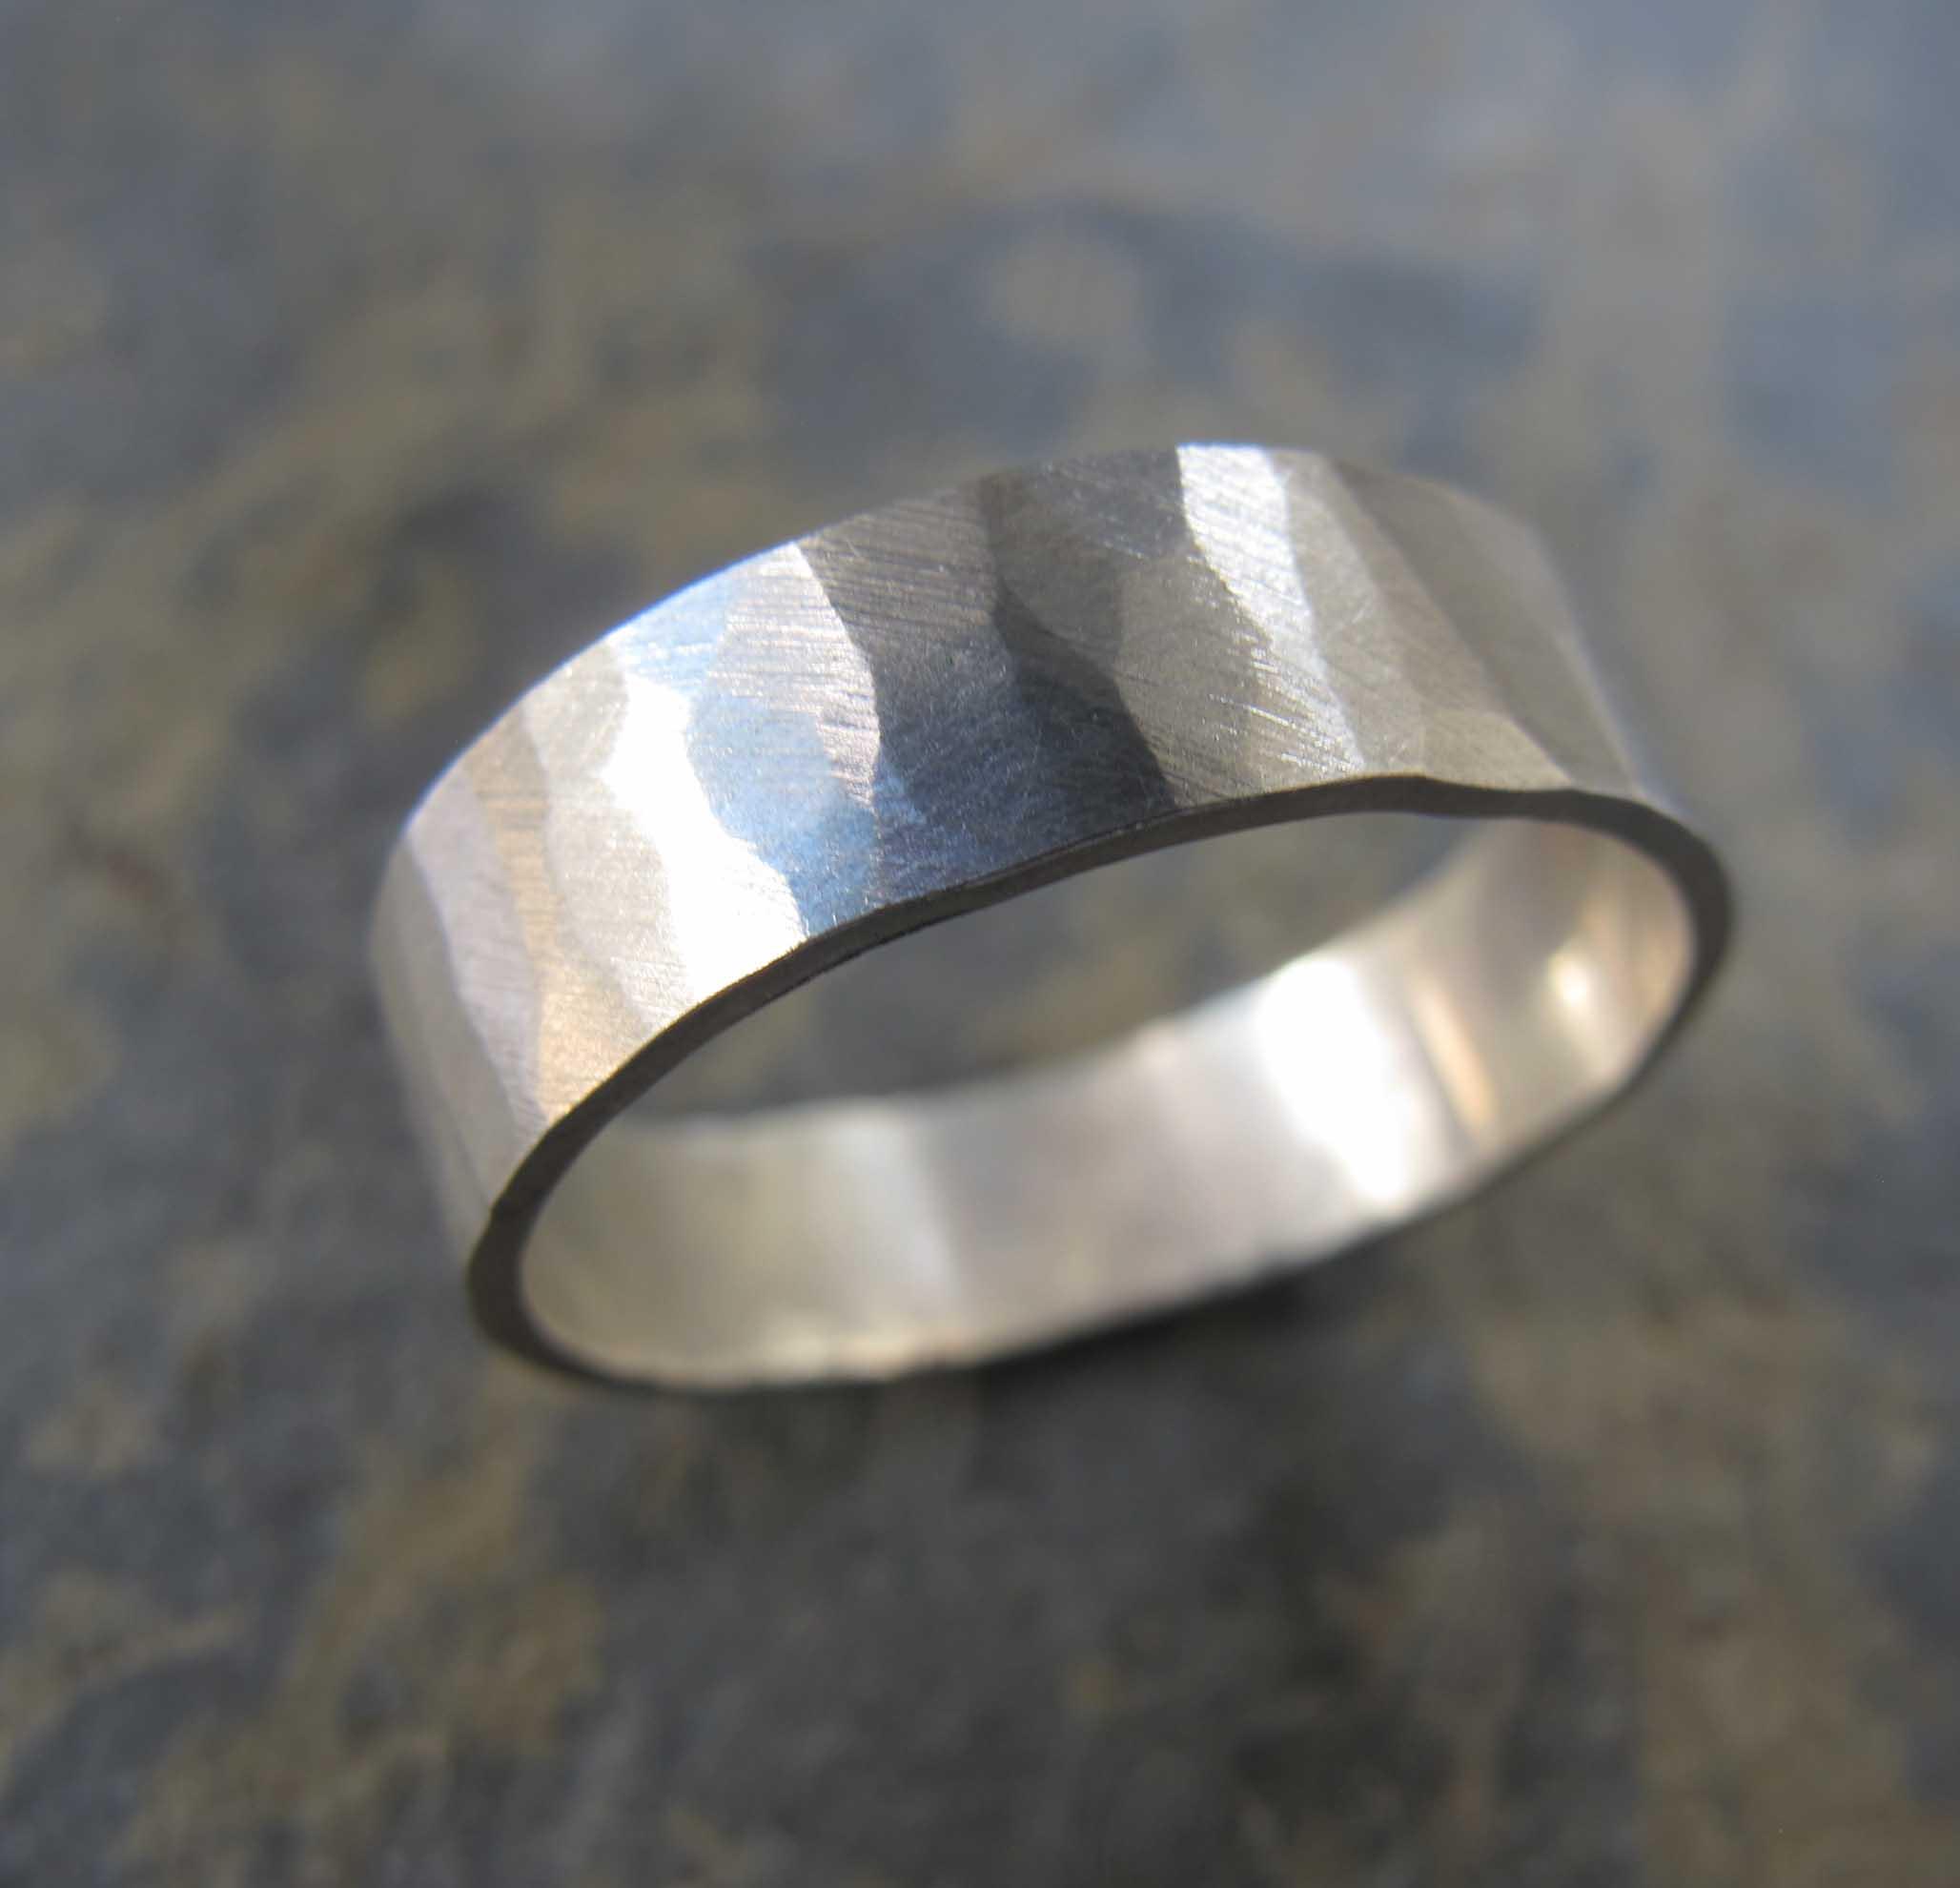 3c6150c720be5 Men's handmade wedding band rings - London | London's Artist Quarter